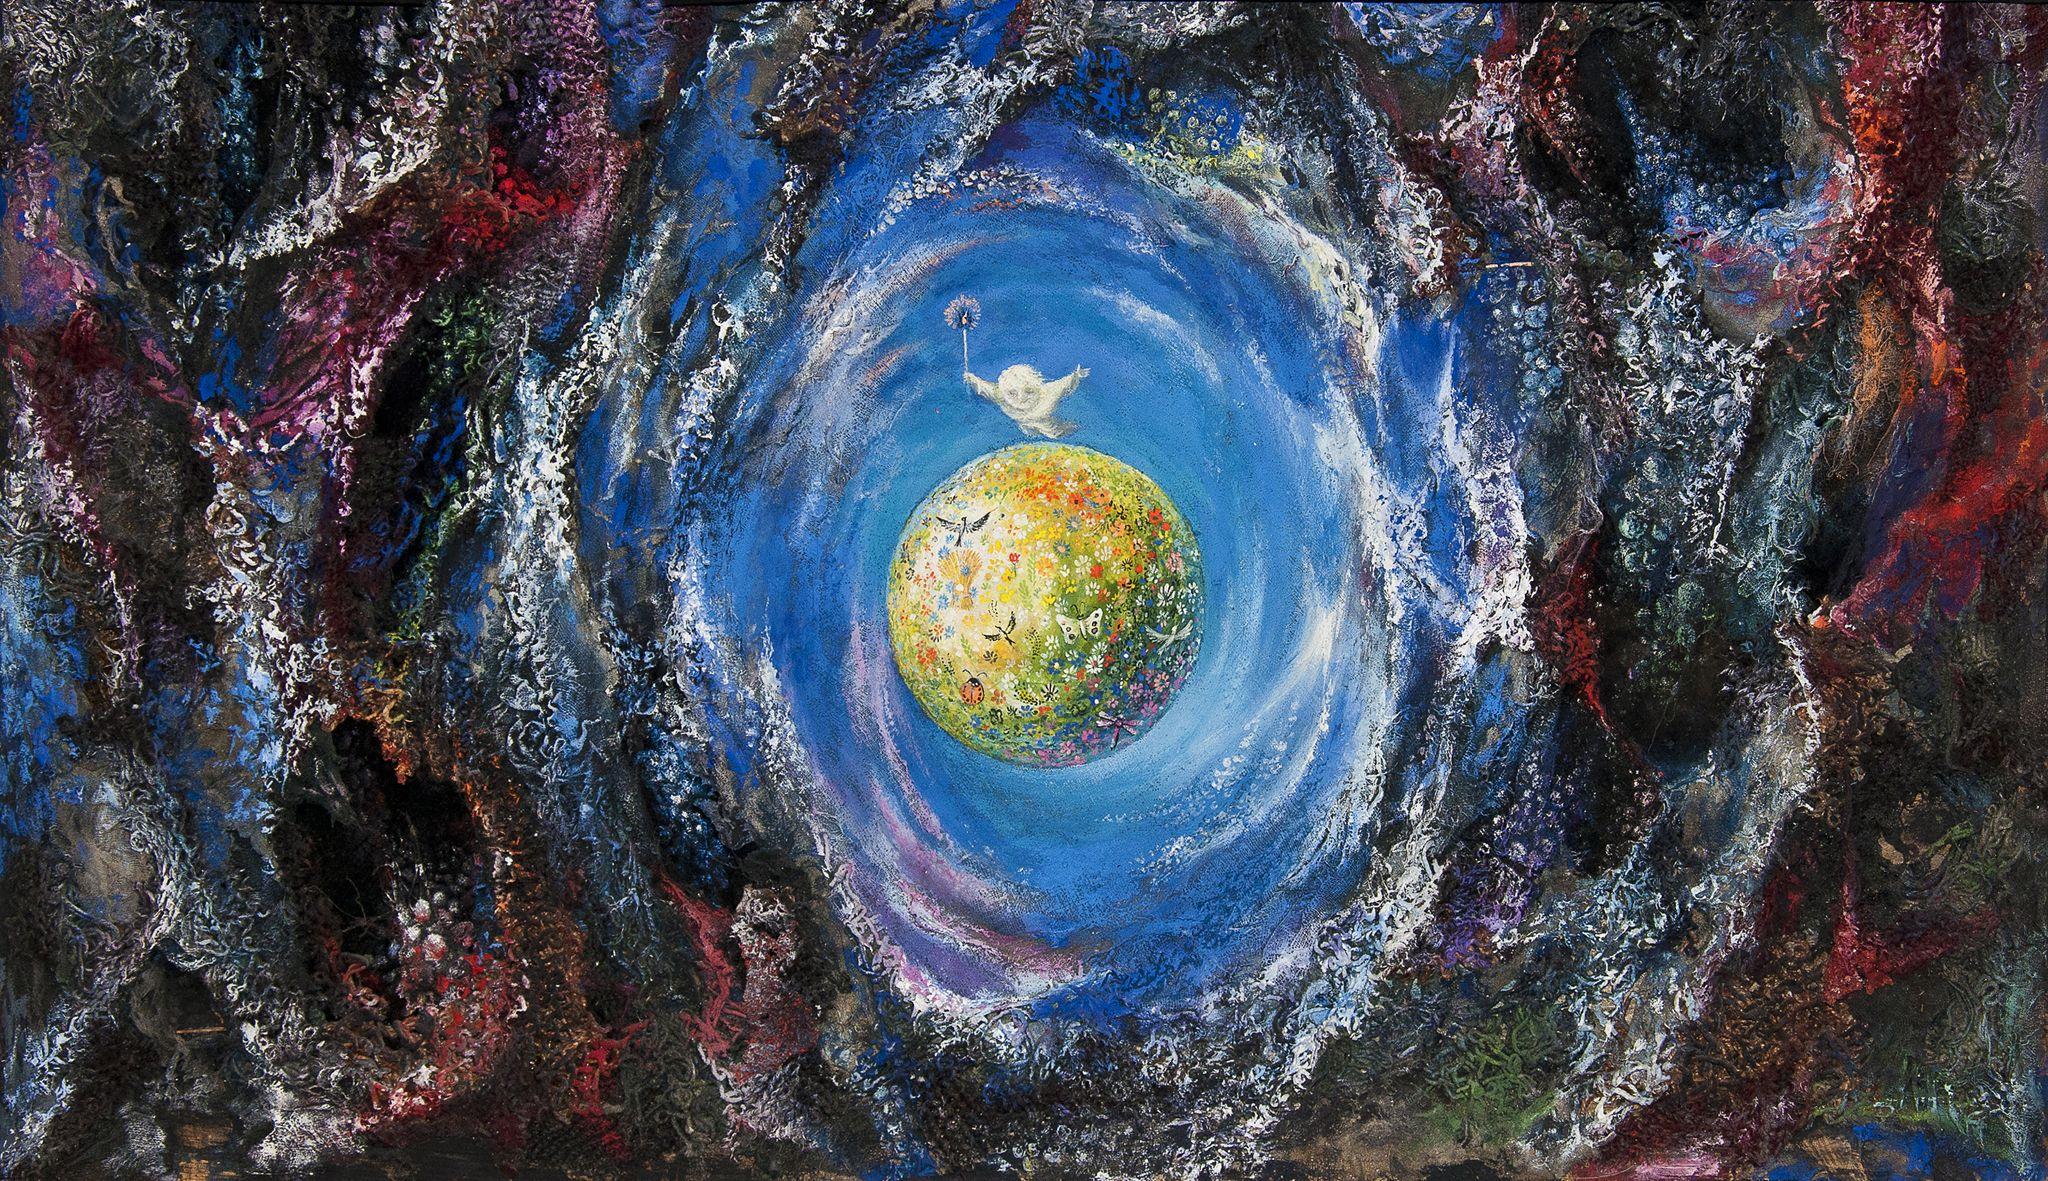 Євген Лисик. Завіса Сотворення світу, 1976